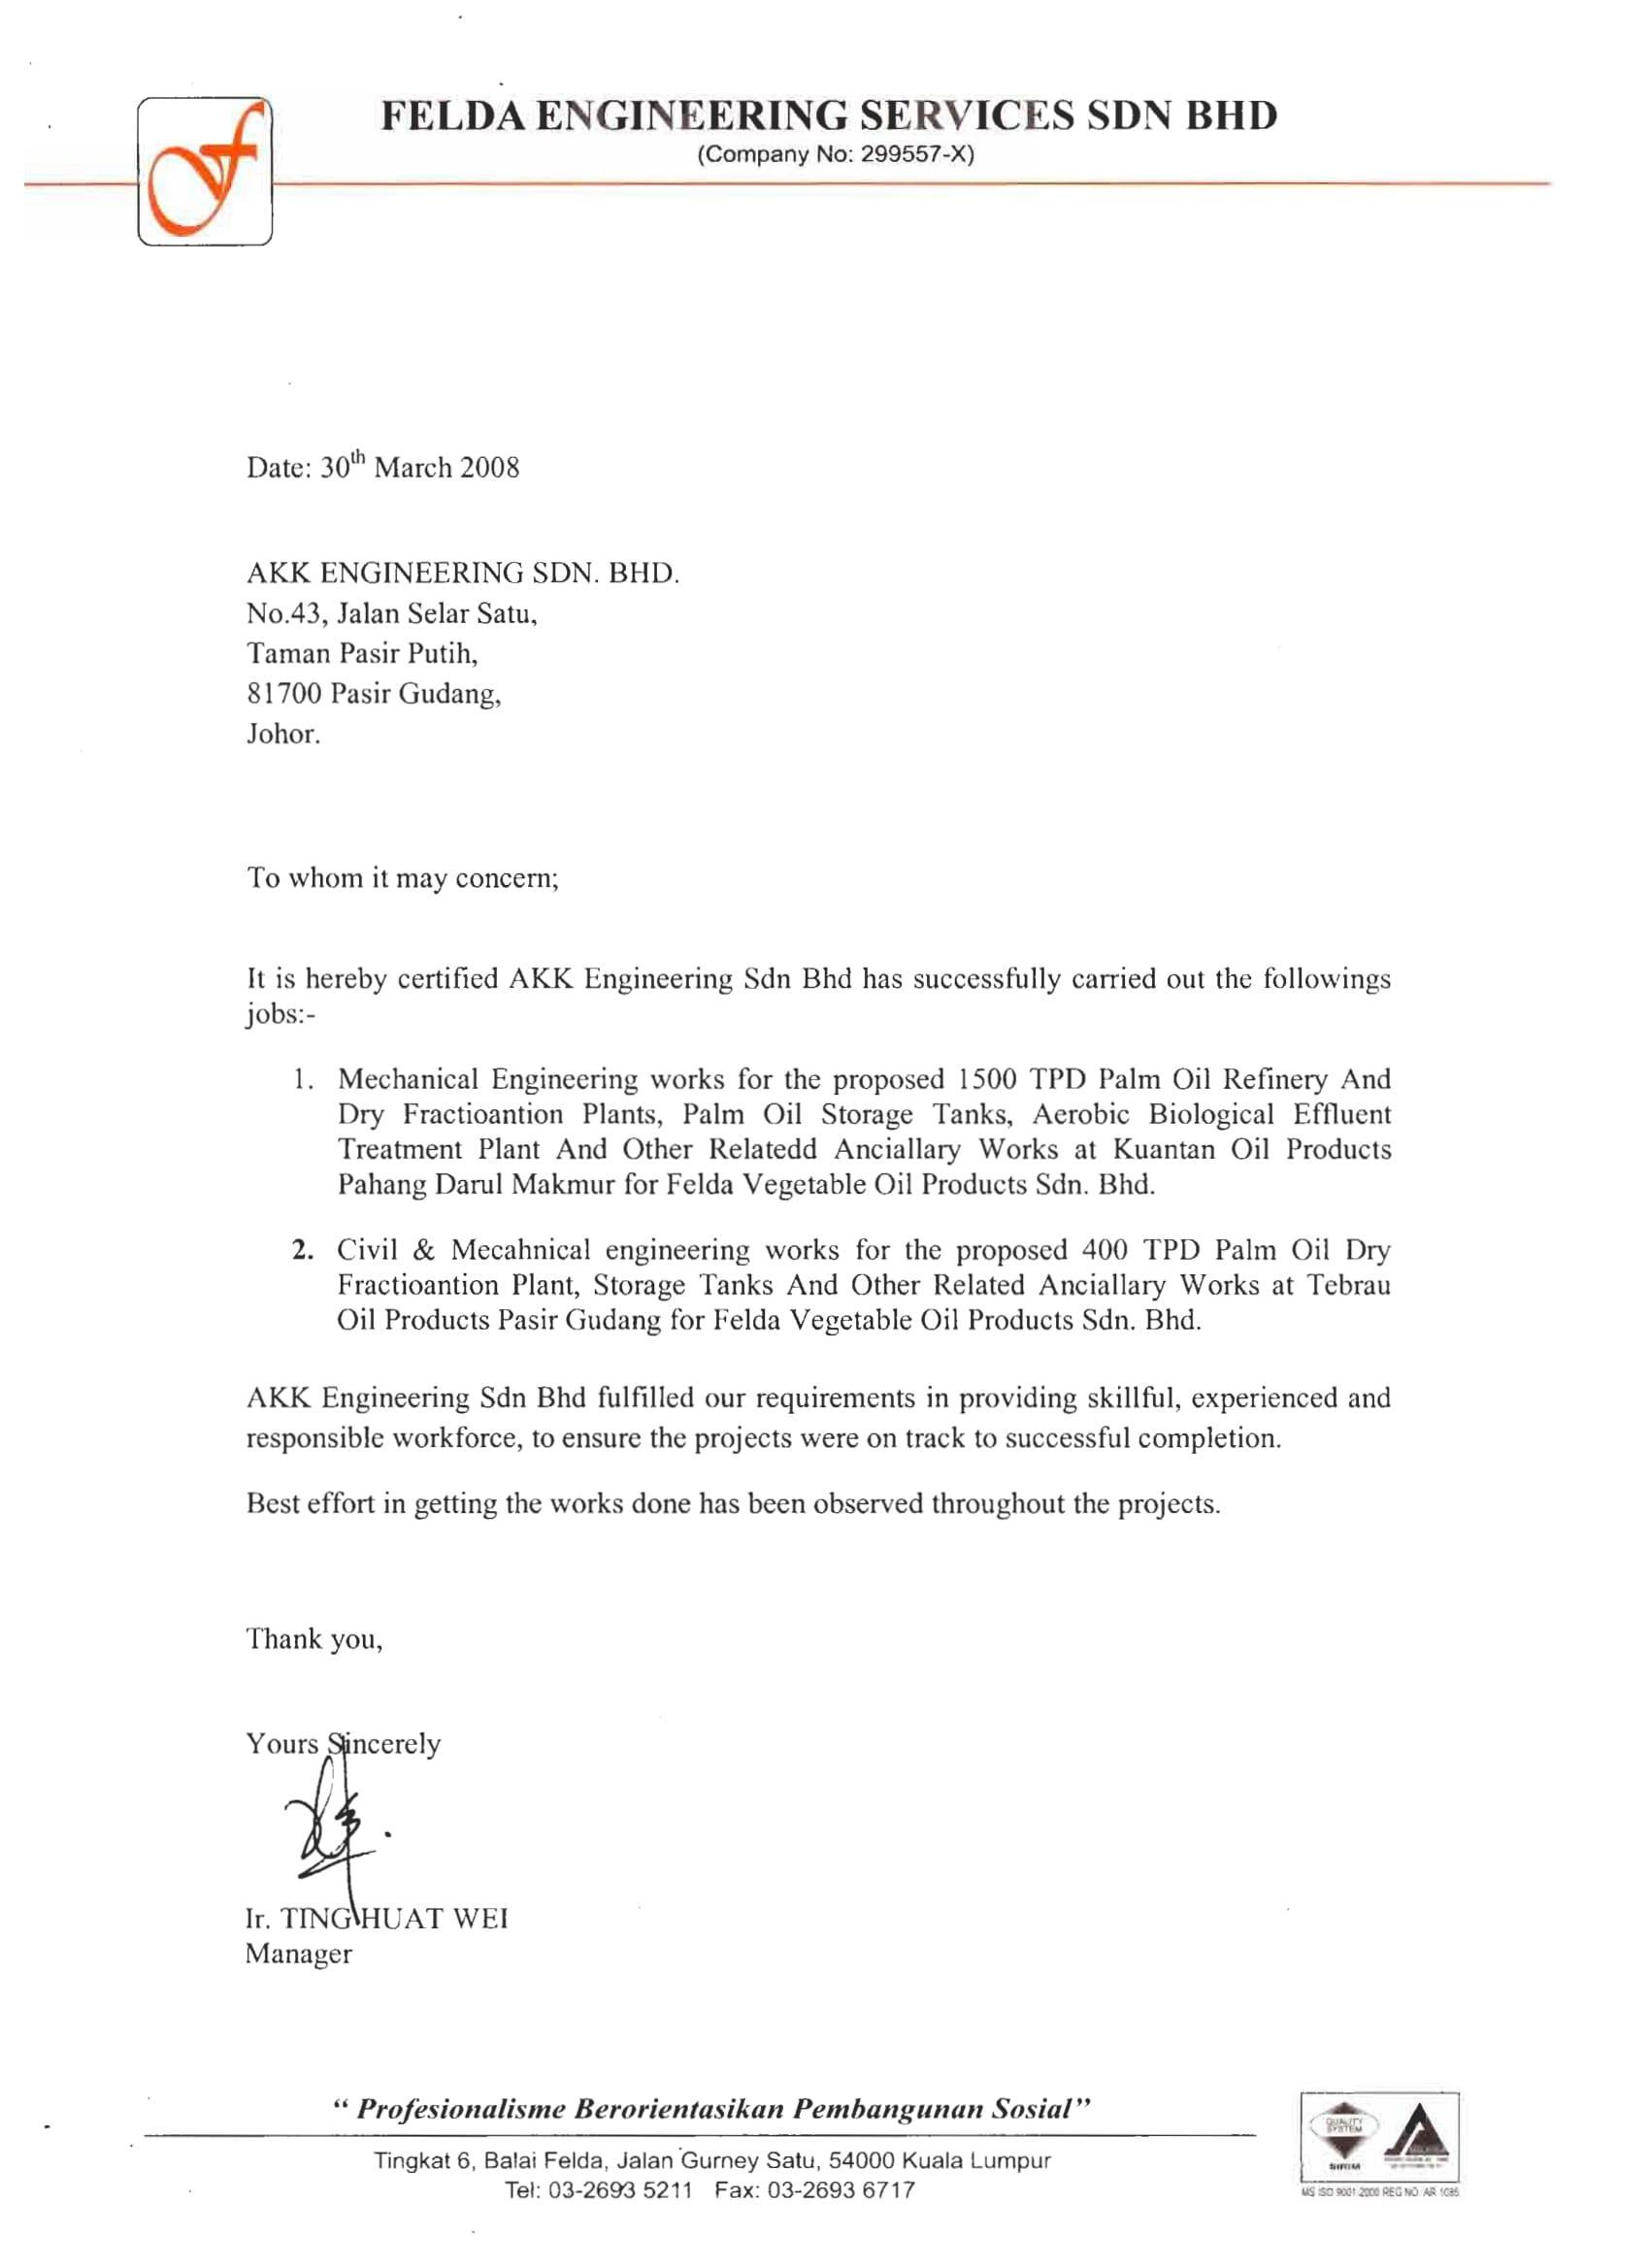 certification-letter-felda-group-1